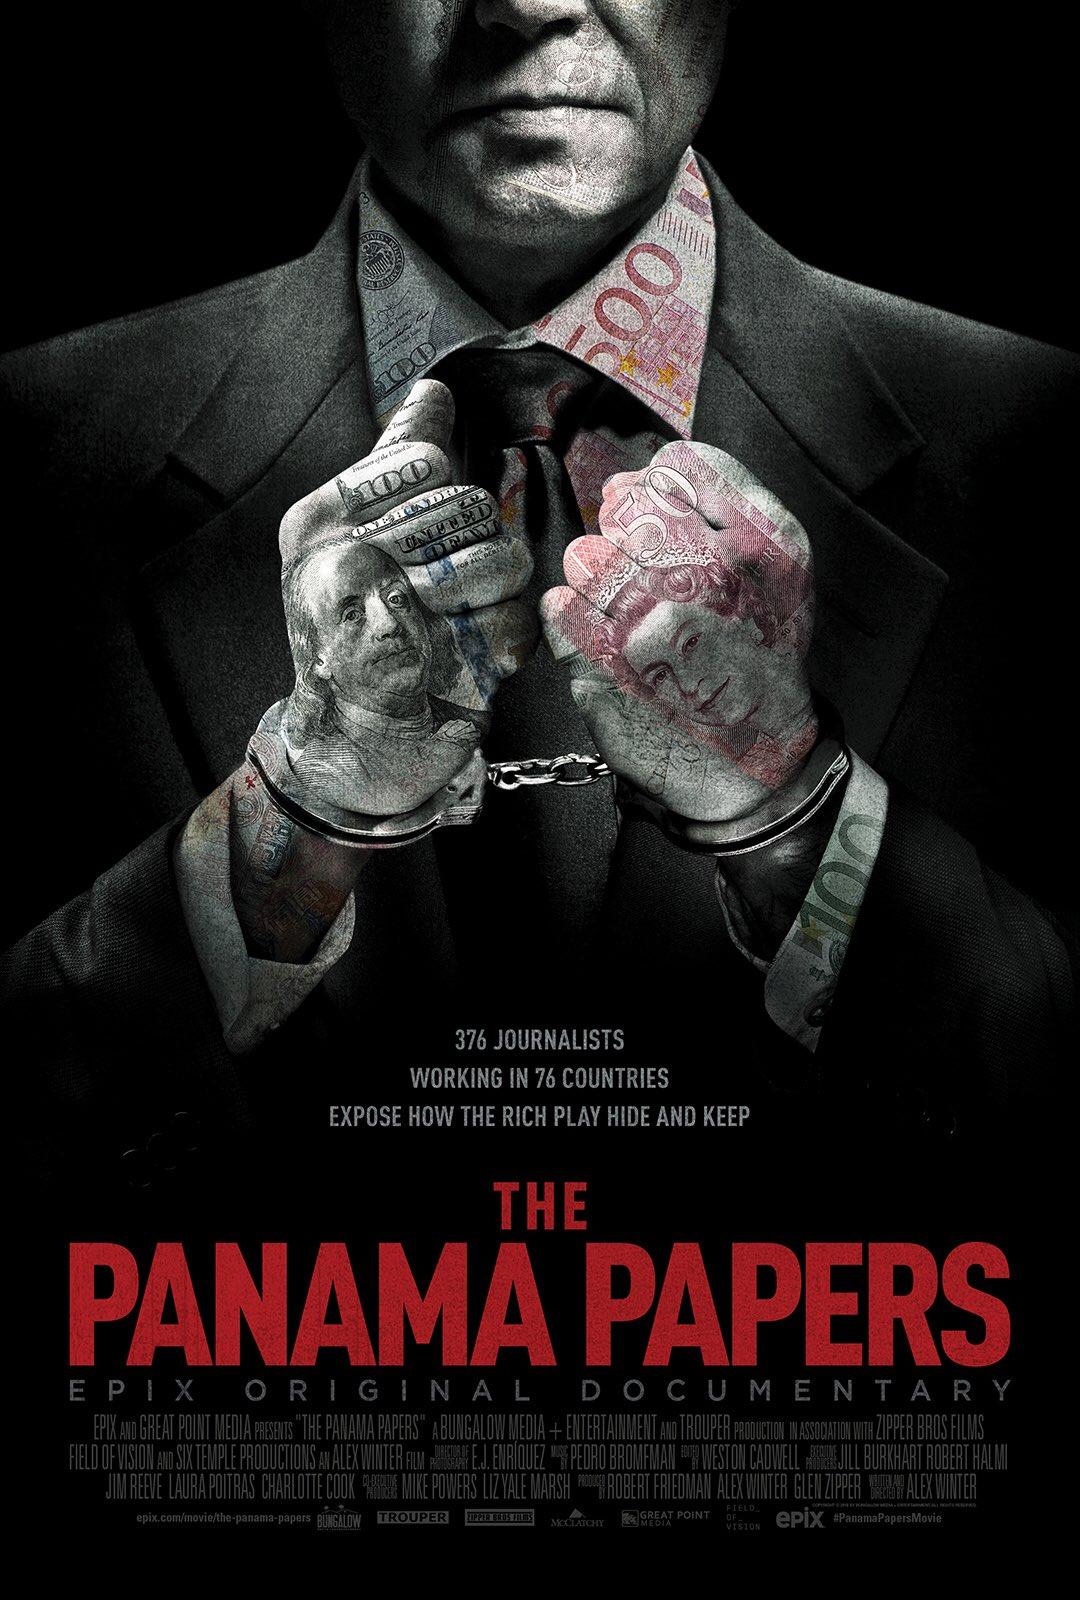 panamapapers doc.jpg